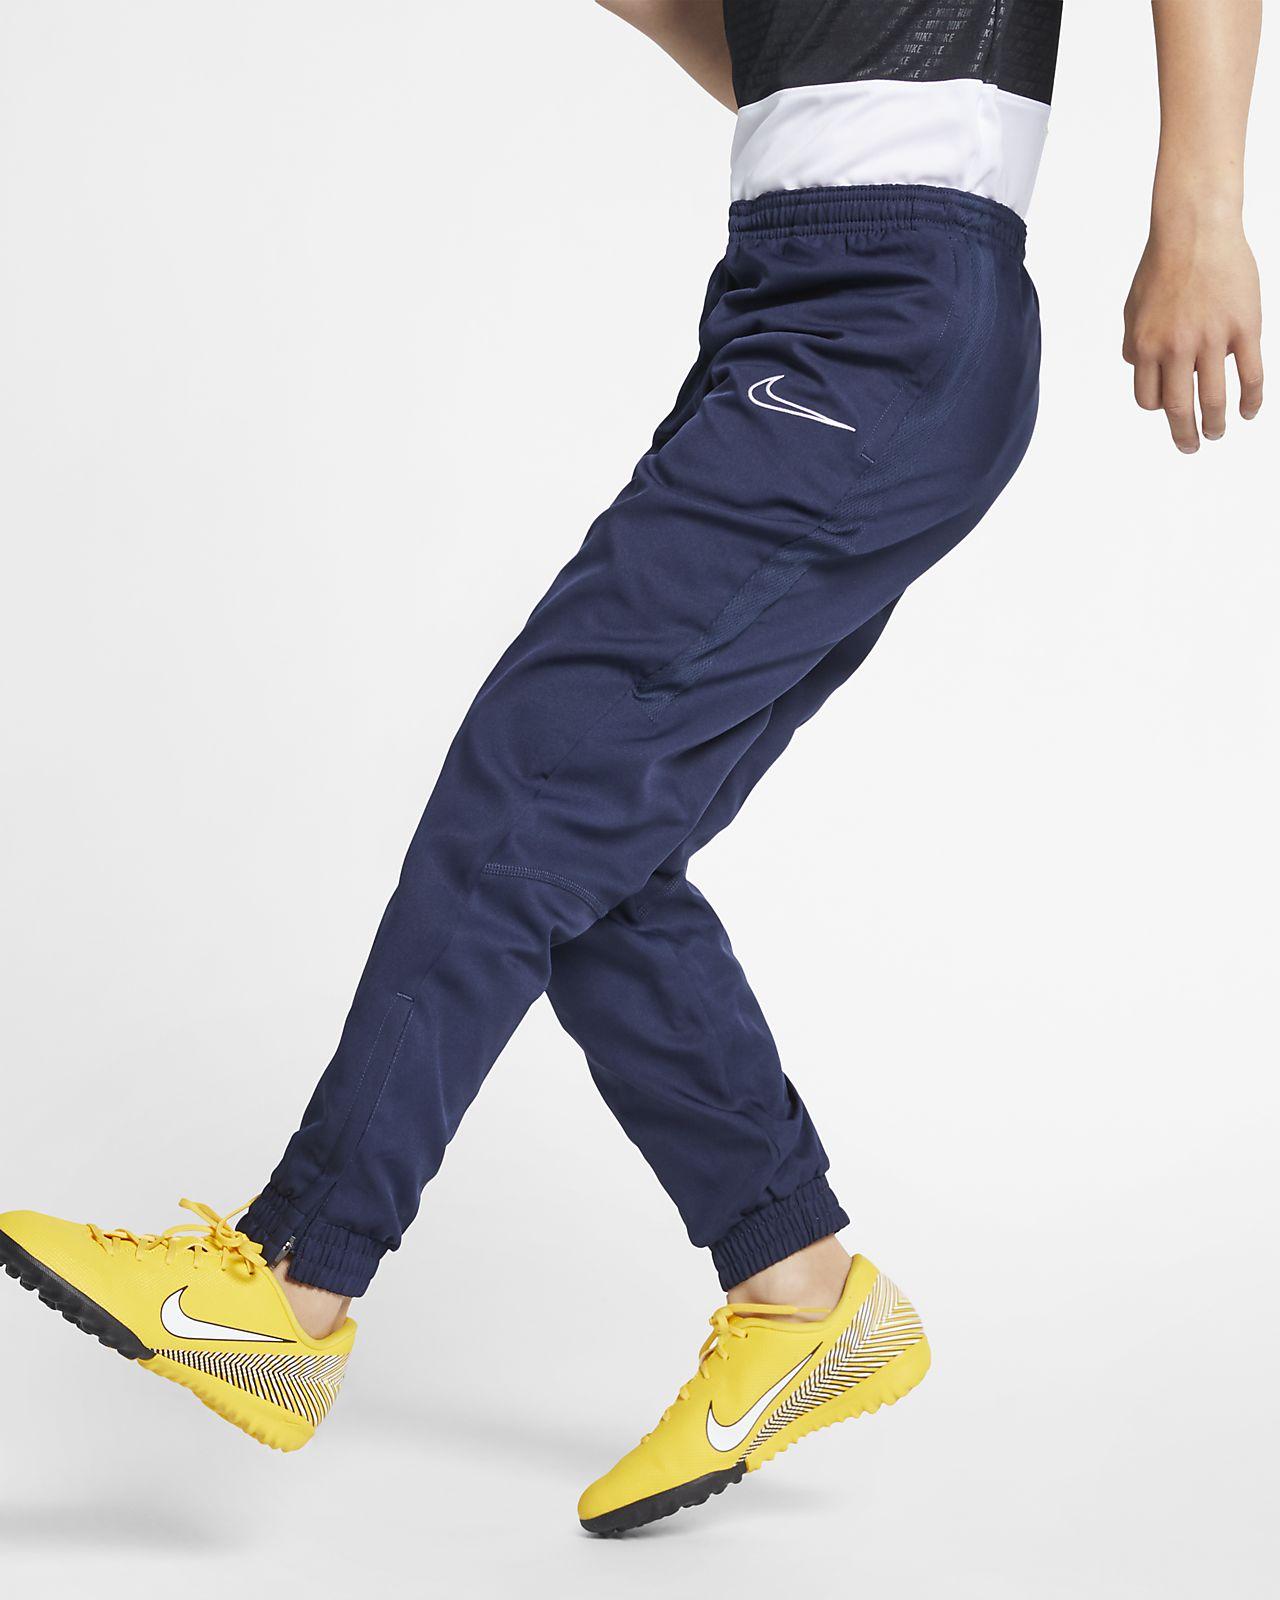 Pantalones de fútbol para niños talla grande Nike Dri-FIT Academy ... 299c07f0adff3